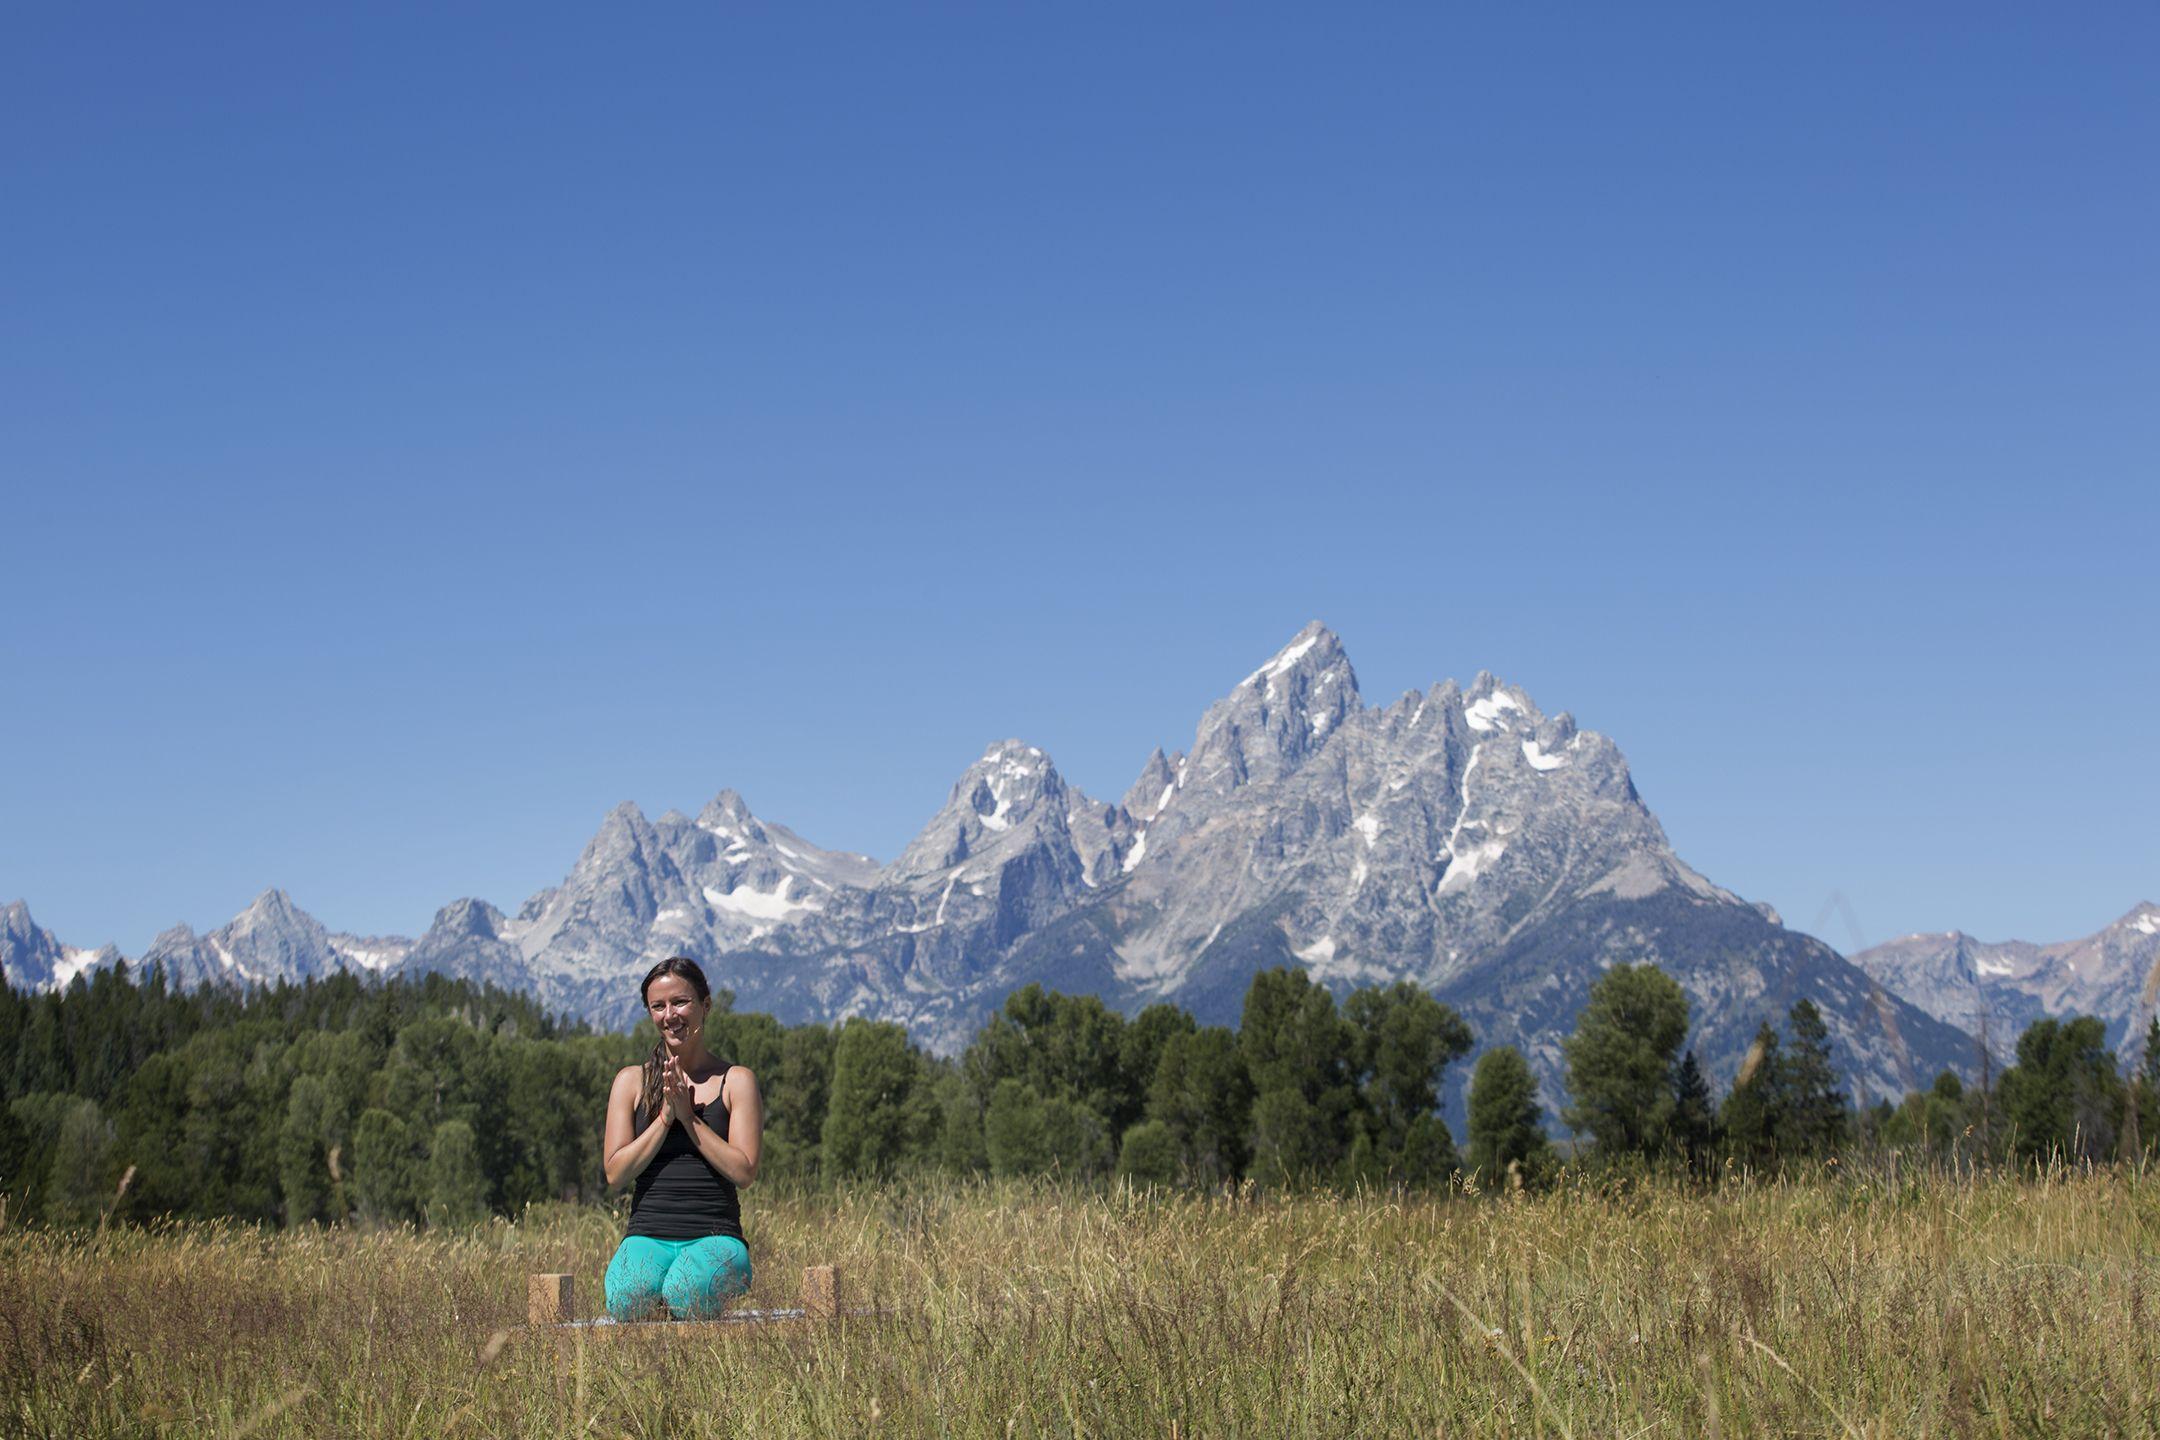 Practice with Grace: http://yogatoday.com/search/results/eyJyZXN1bHRfcGFnZSI6InNlYXJjaFwvcmVzdWx0cyIsImtleXdvcmRzIjoiZ3JhY2UgZHViZXJ5In0  What's your favorite class?